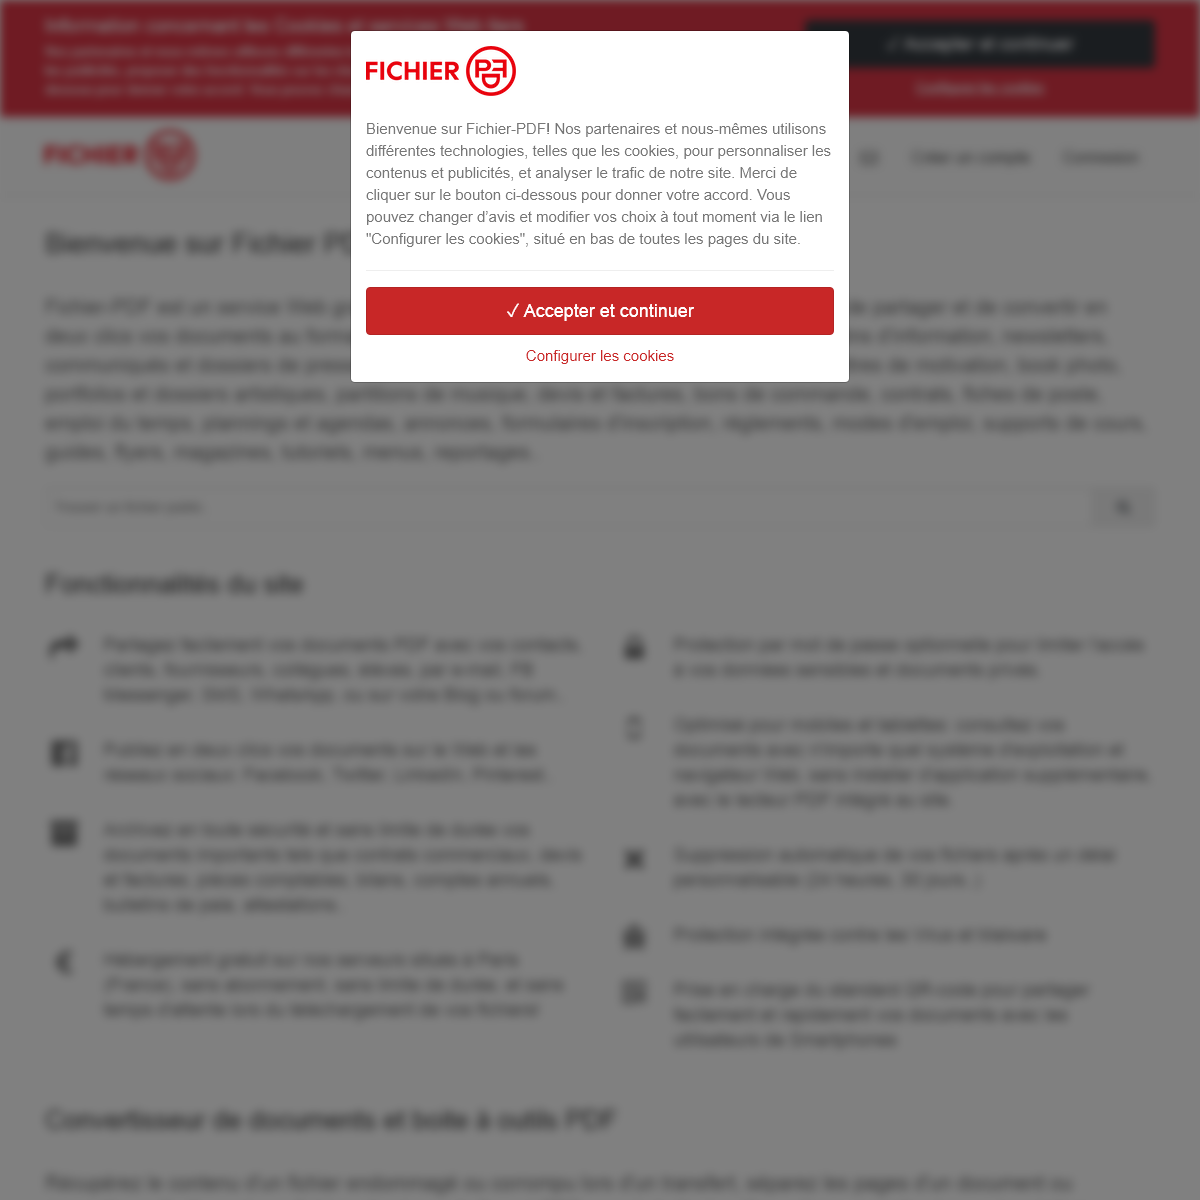 Fichier PDF - Partage, hébergement, archivage et conversion de documents PDF